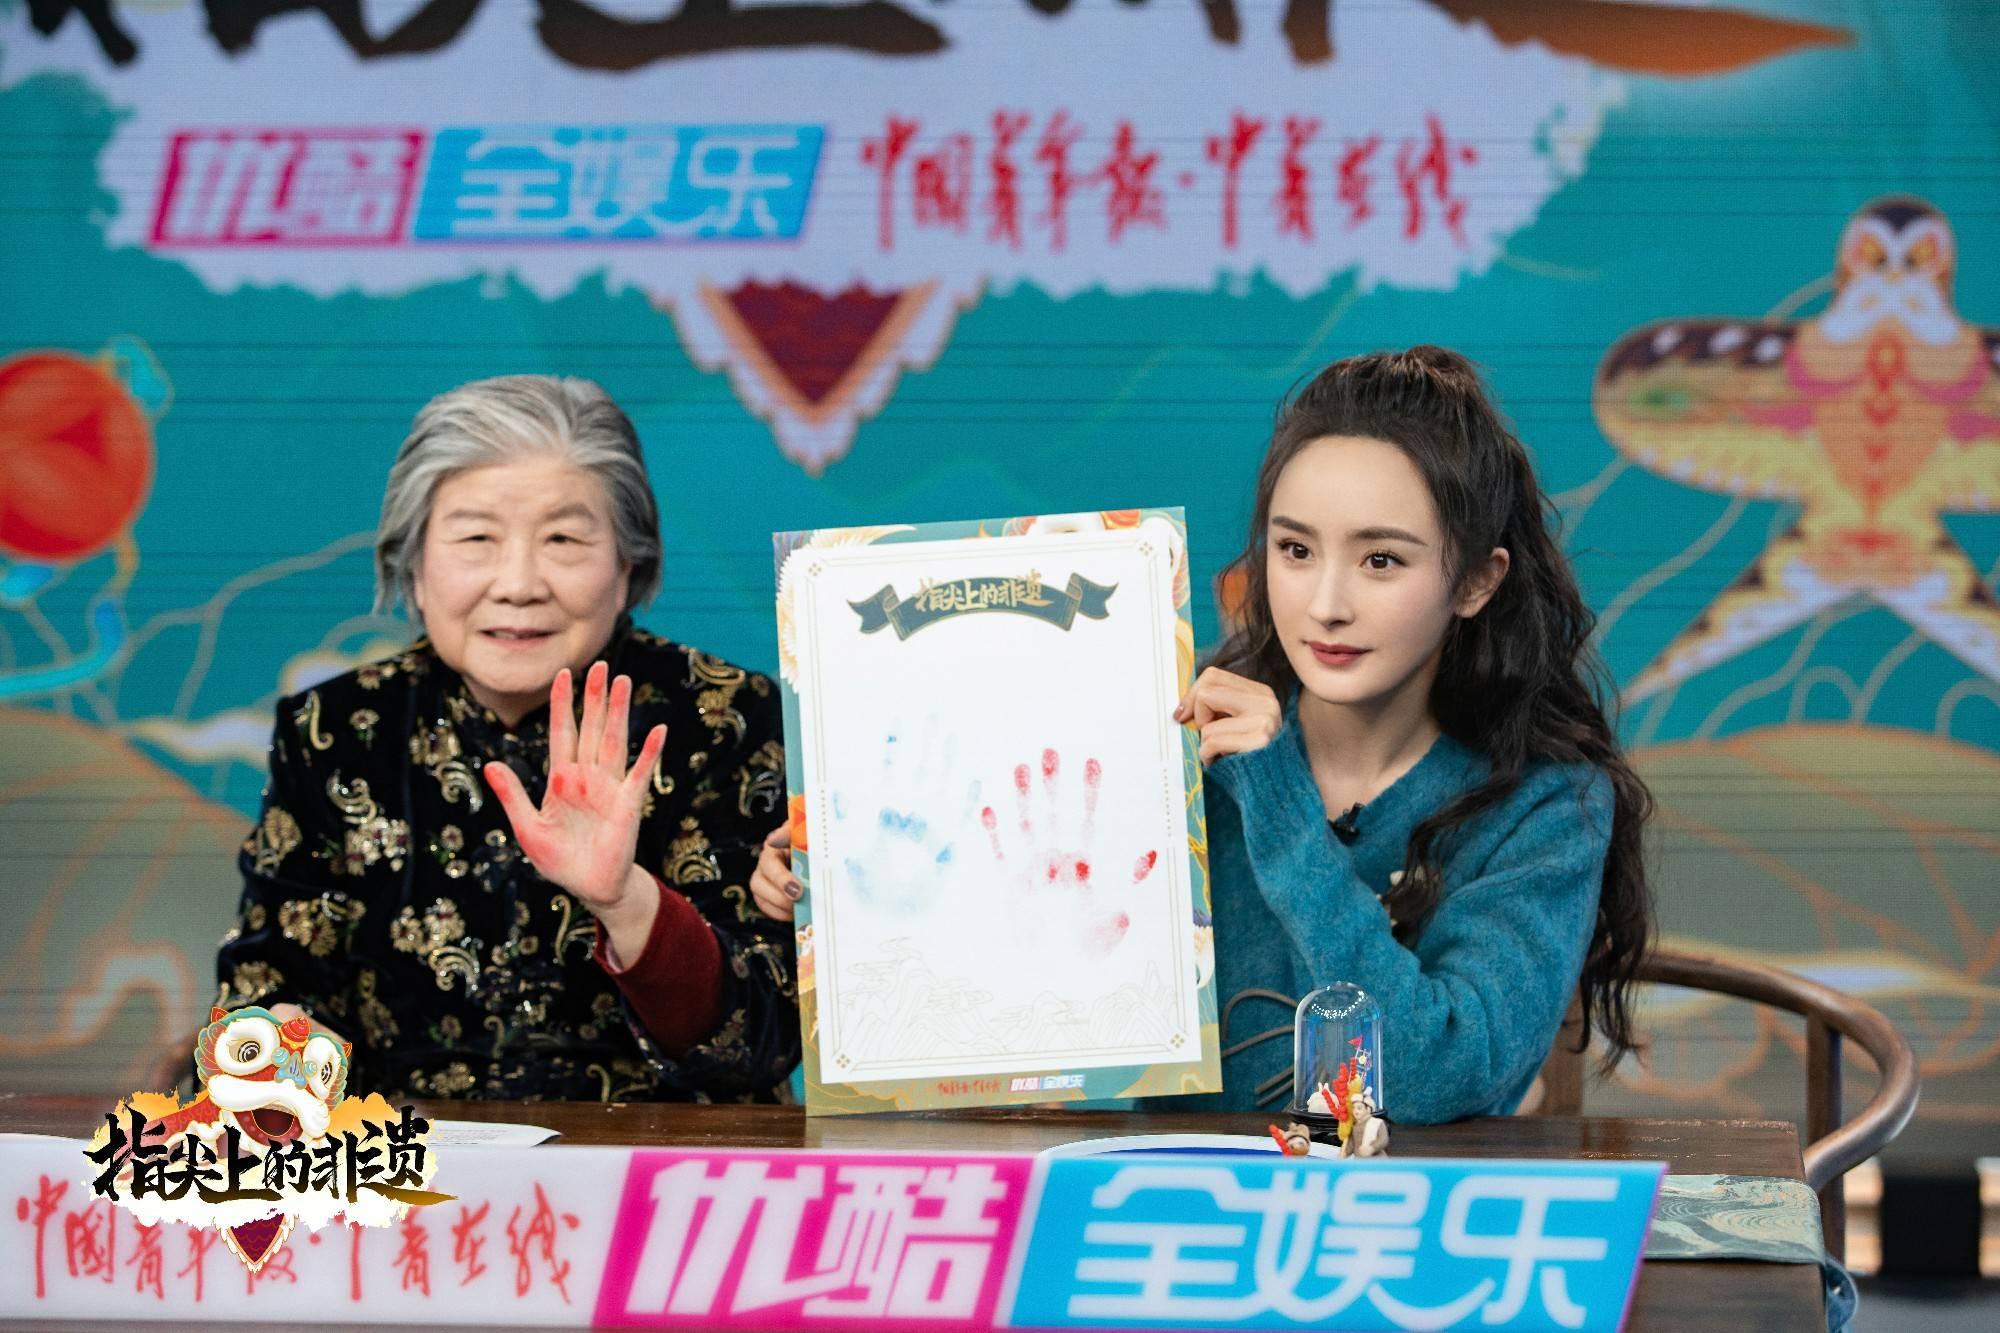 """文化传承创新节目《指尖上的非遗》播出:在""""非遗匠心学院"""",解读中华文化的基因密码"""